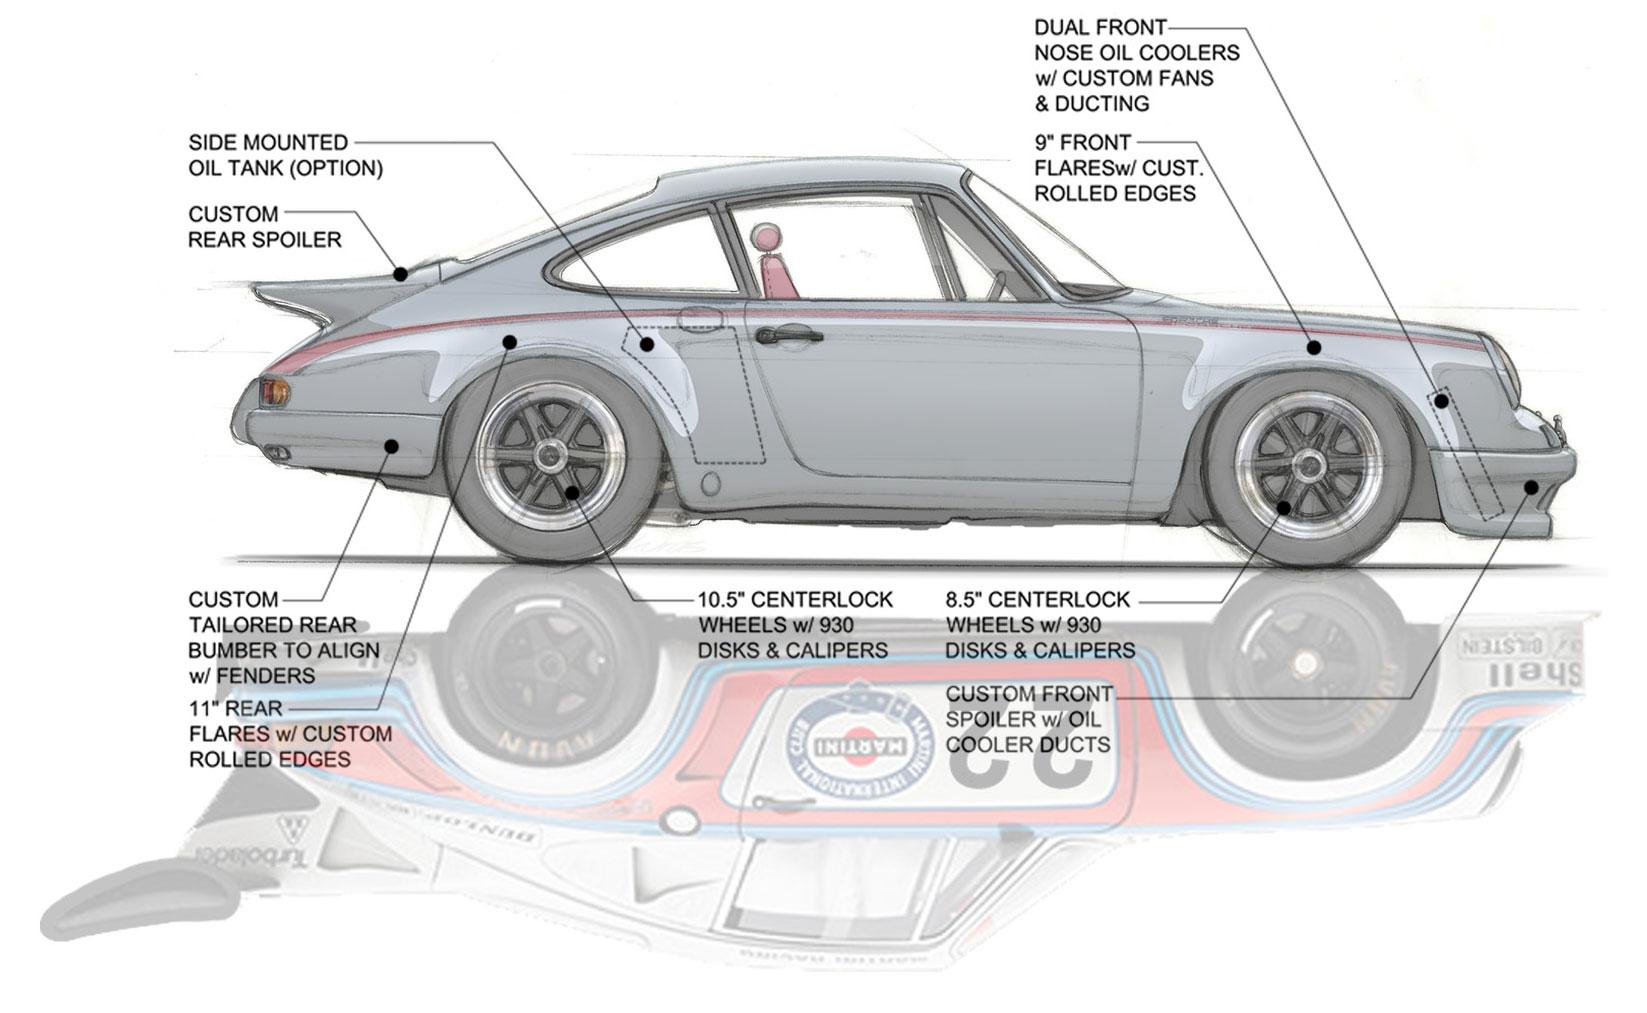 C9 Porsche 911 RS Turbo concept